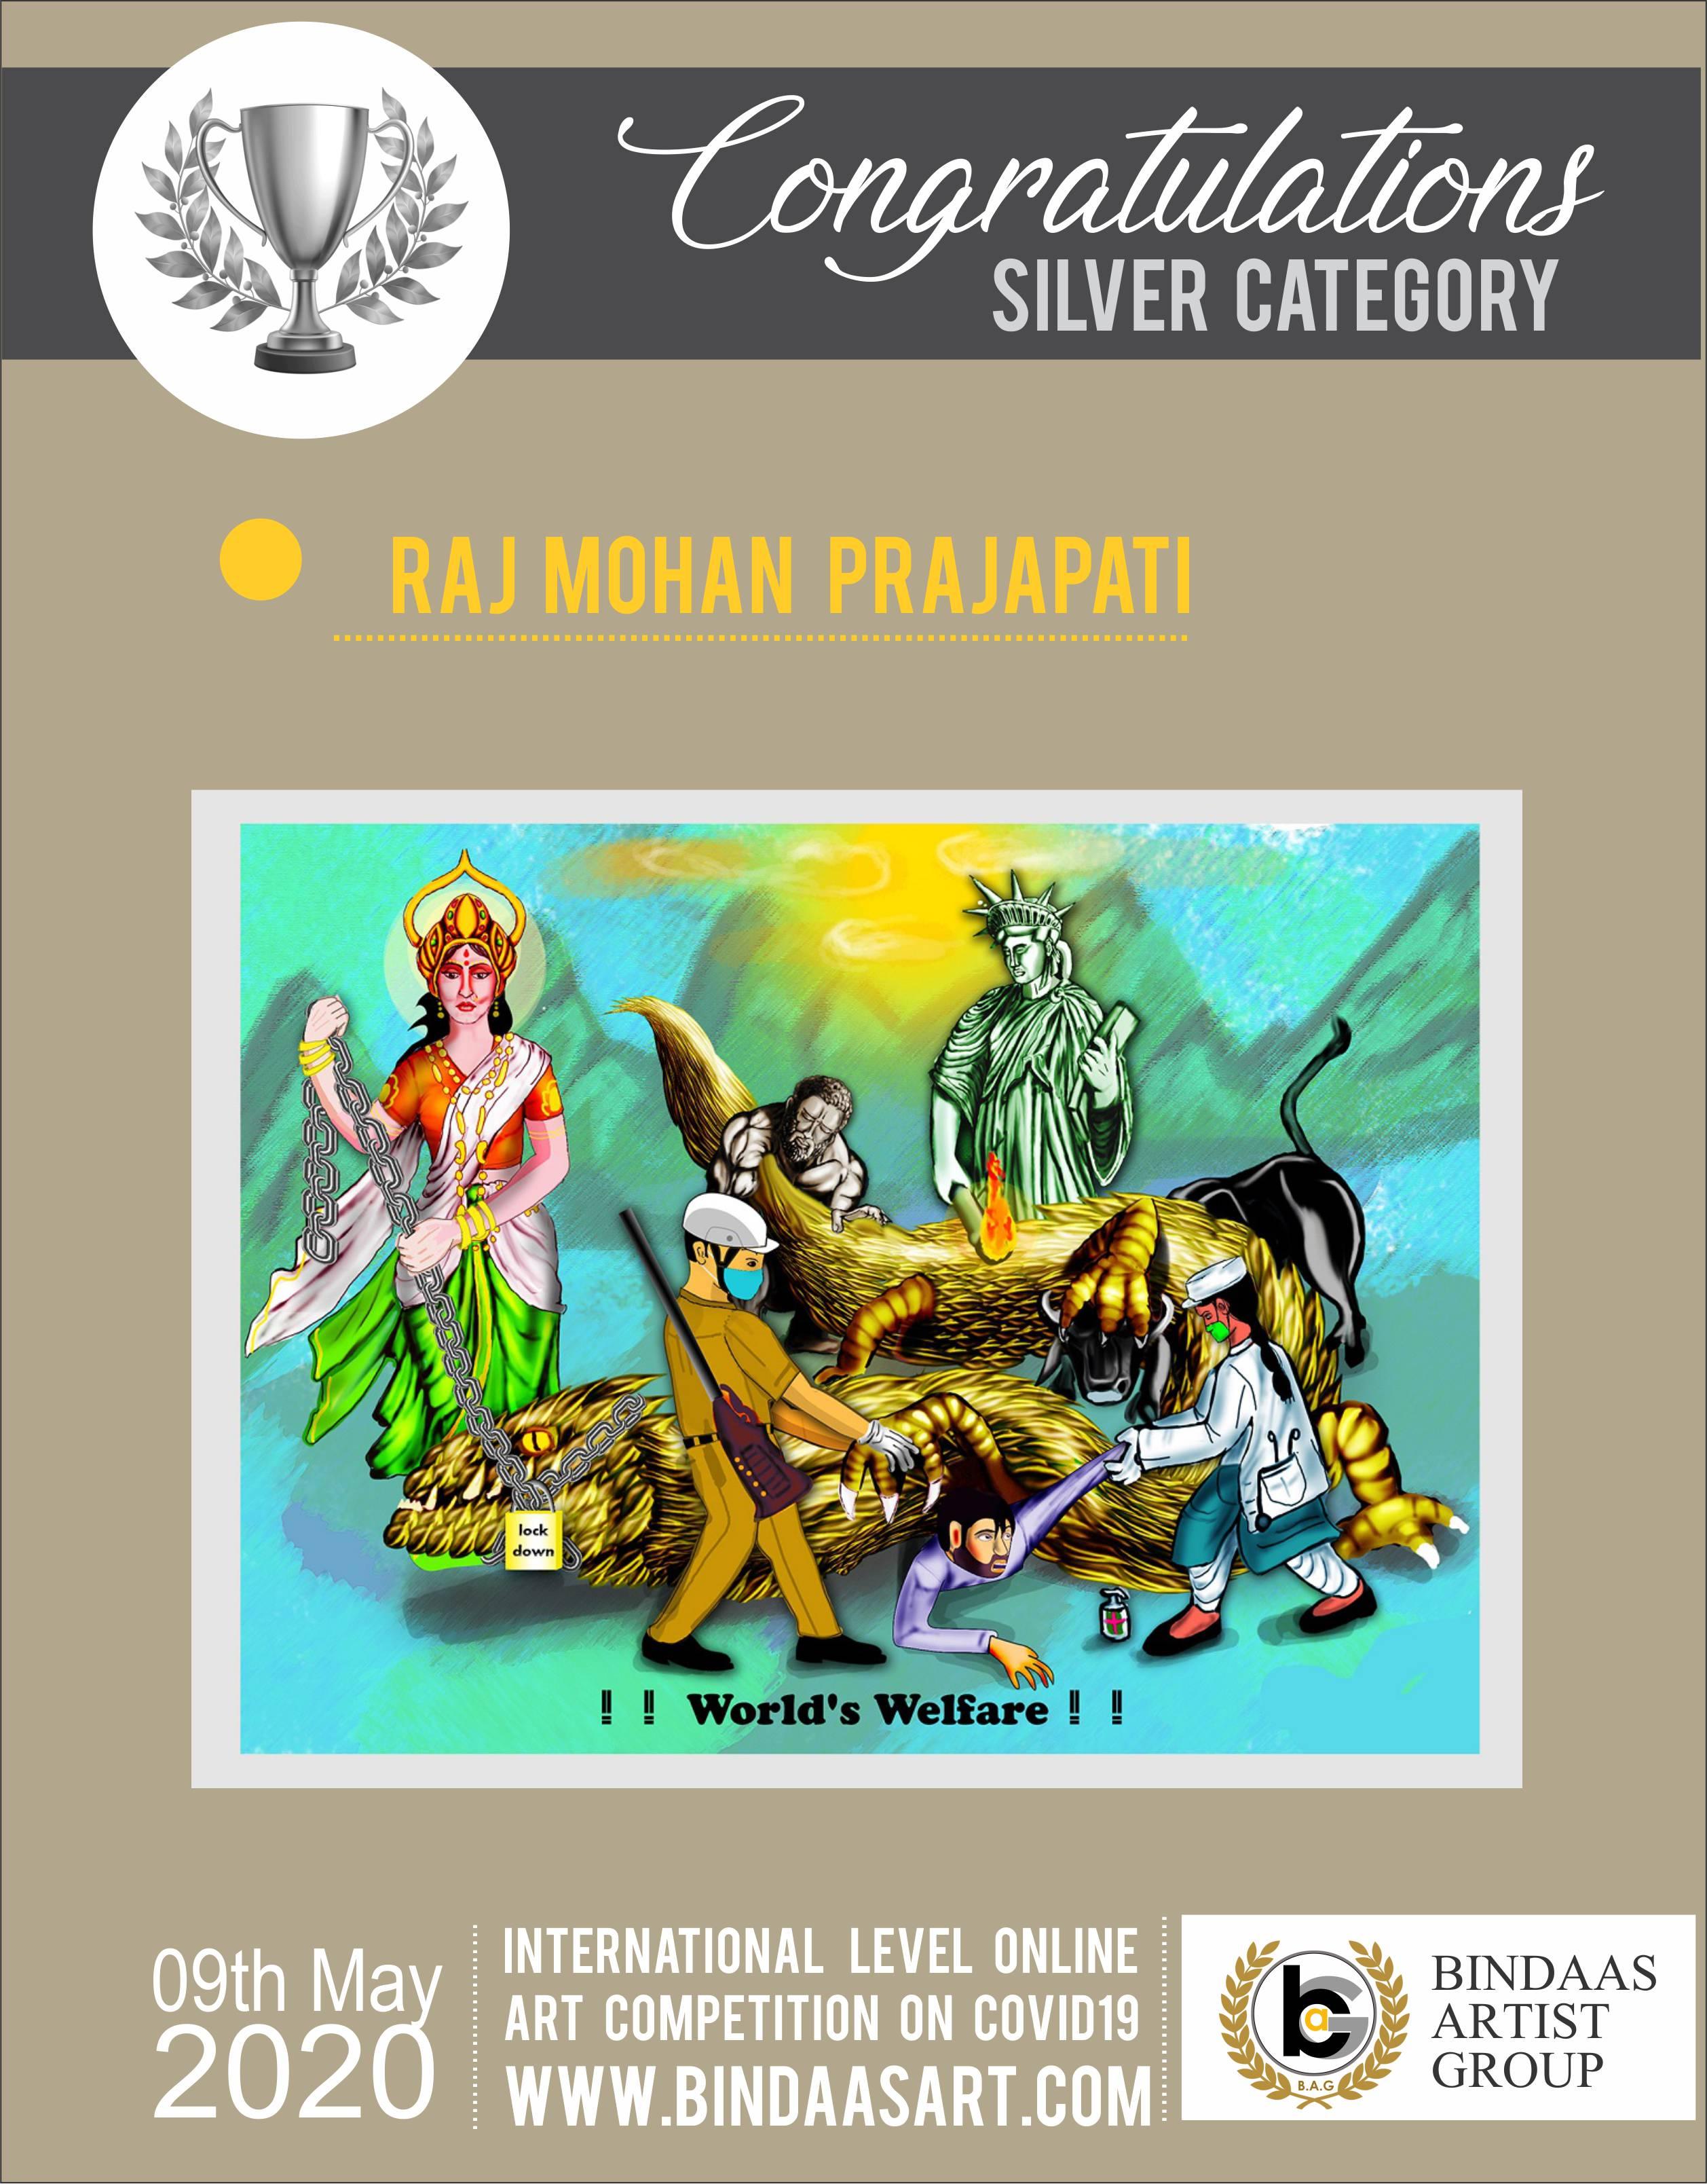 Raj Mohan Prajapati